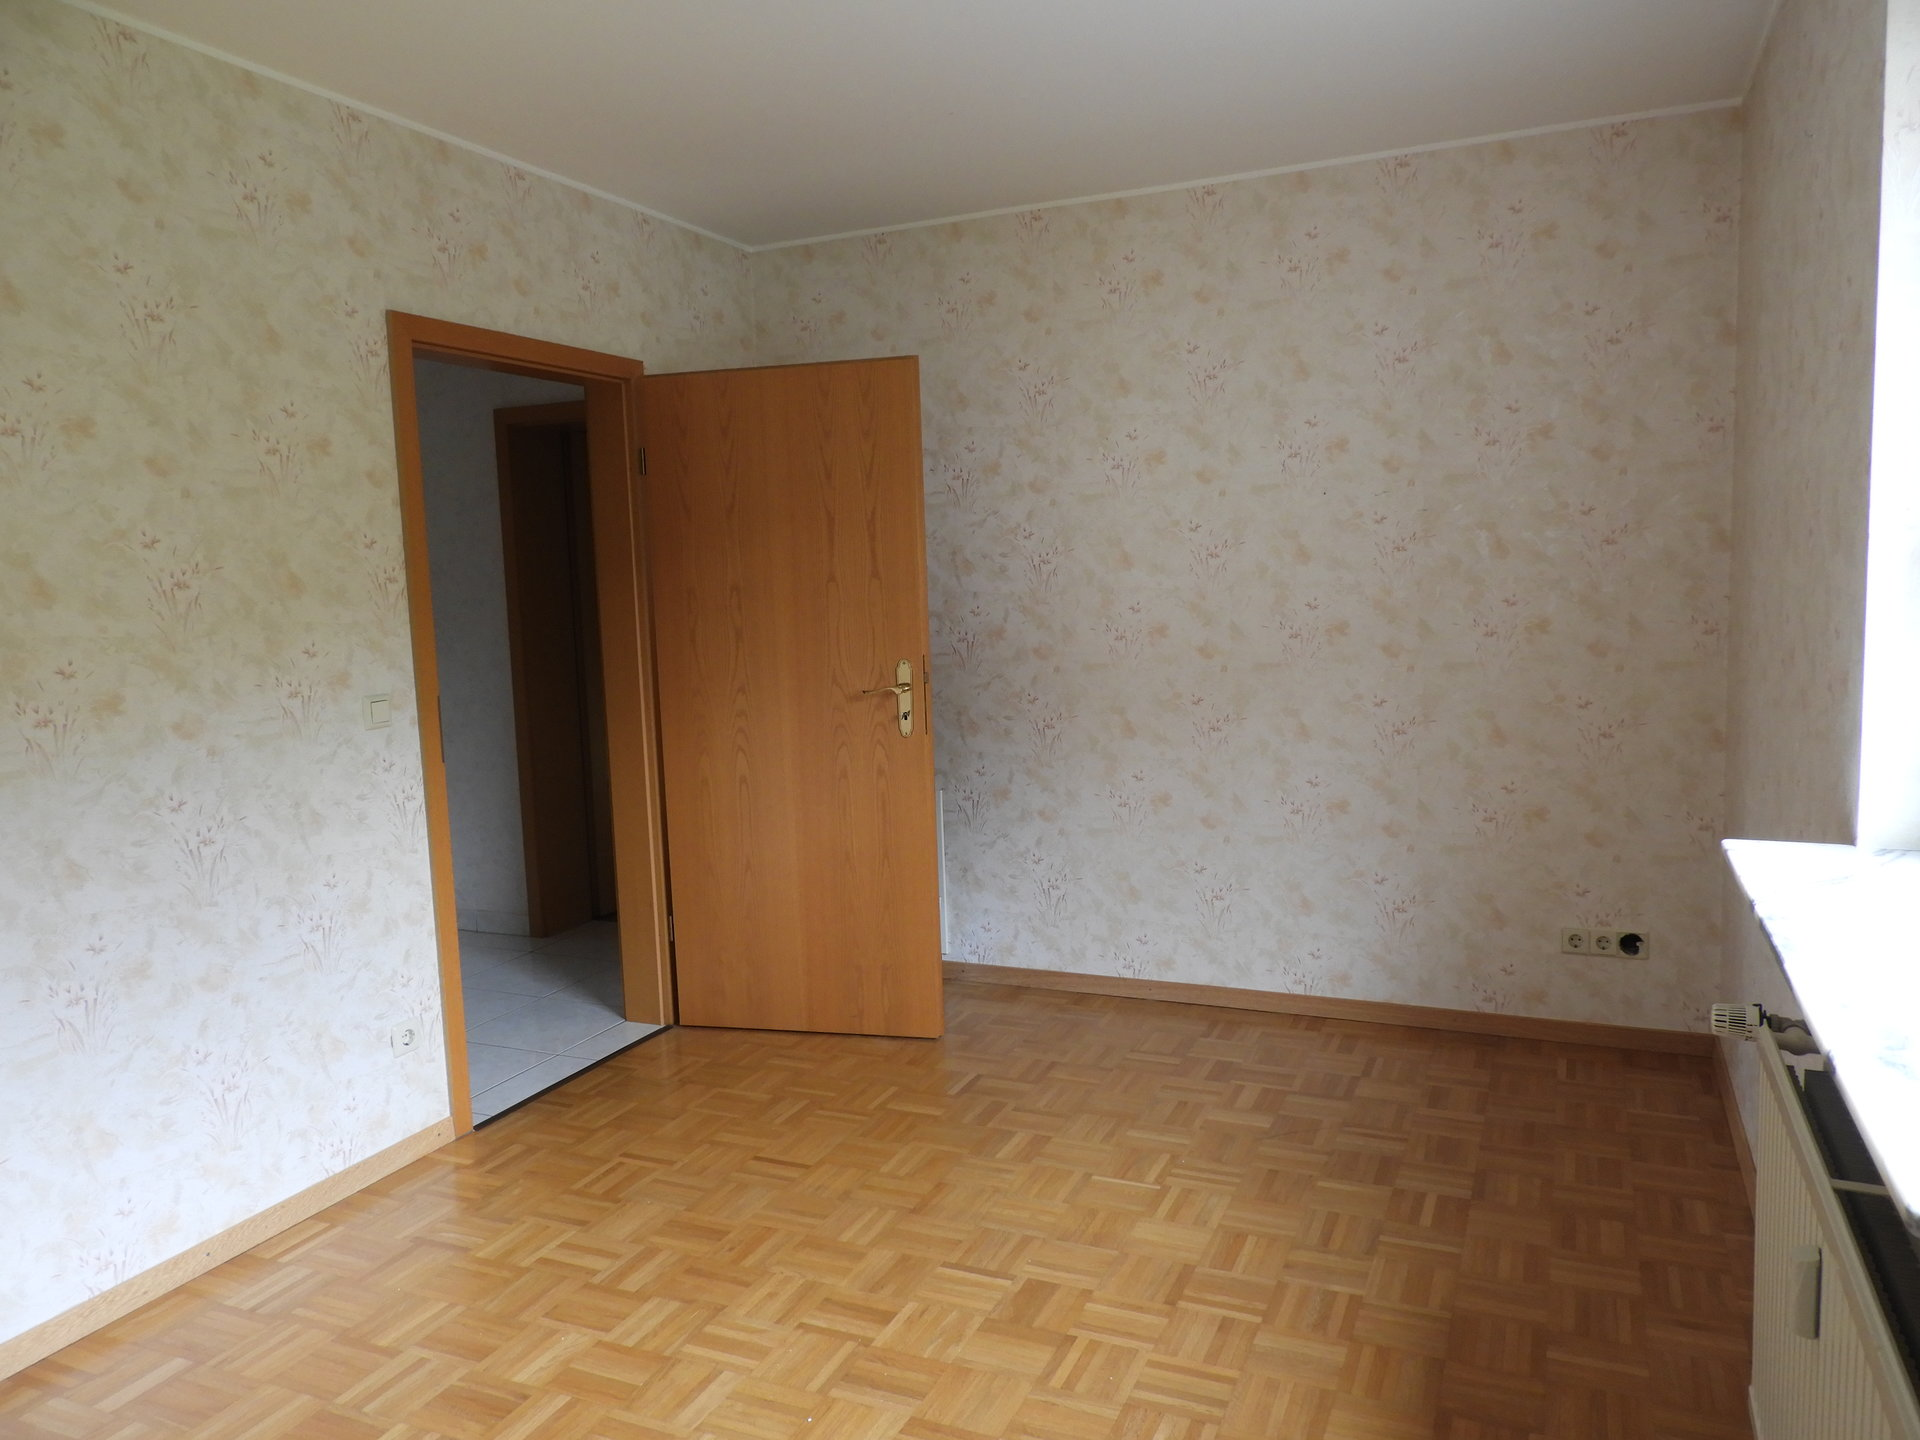 Appartement 2 chambres à louer à Colmar-Berg